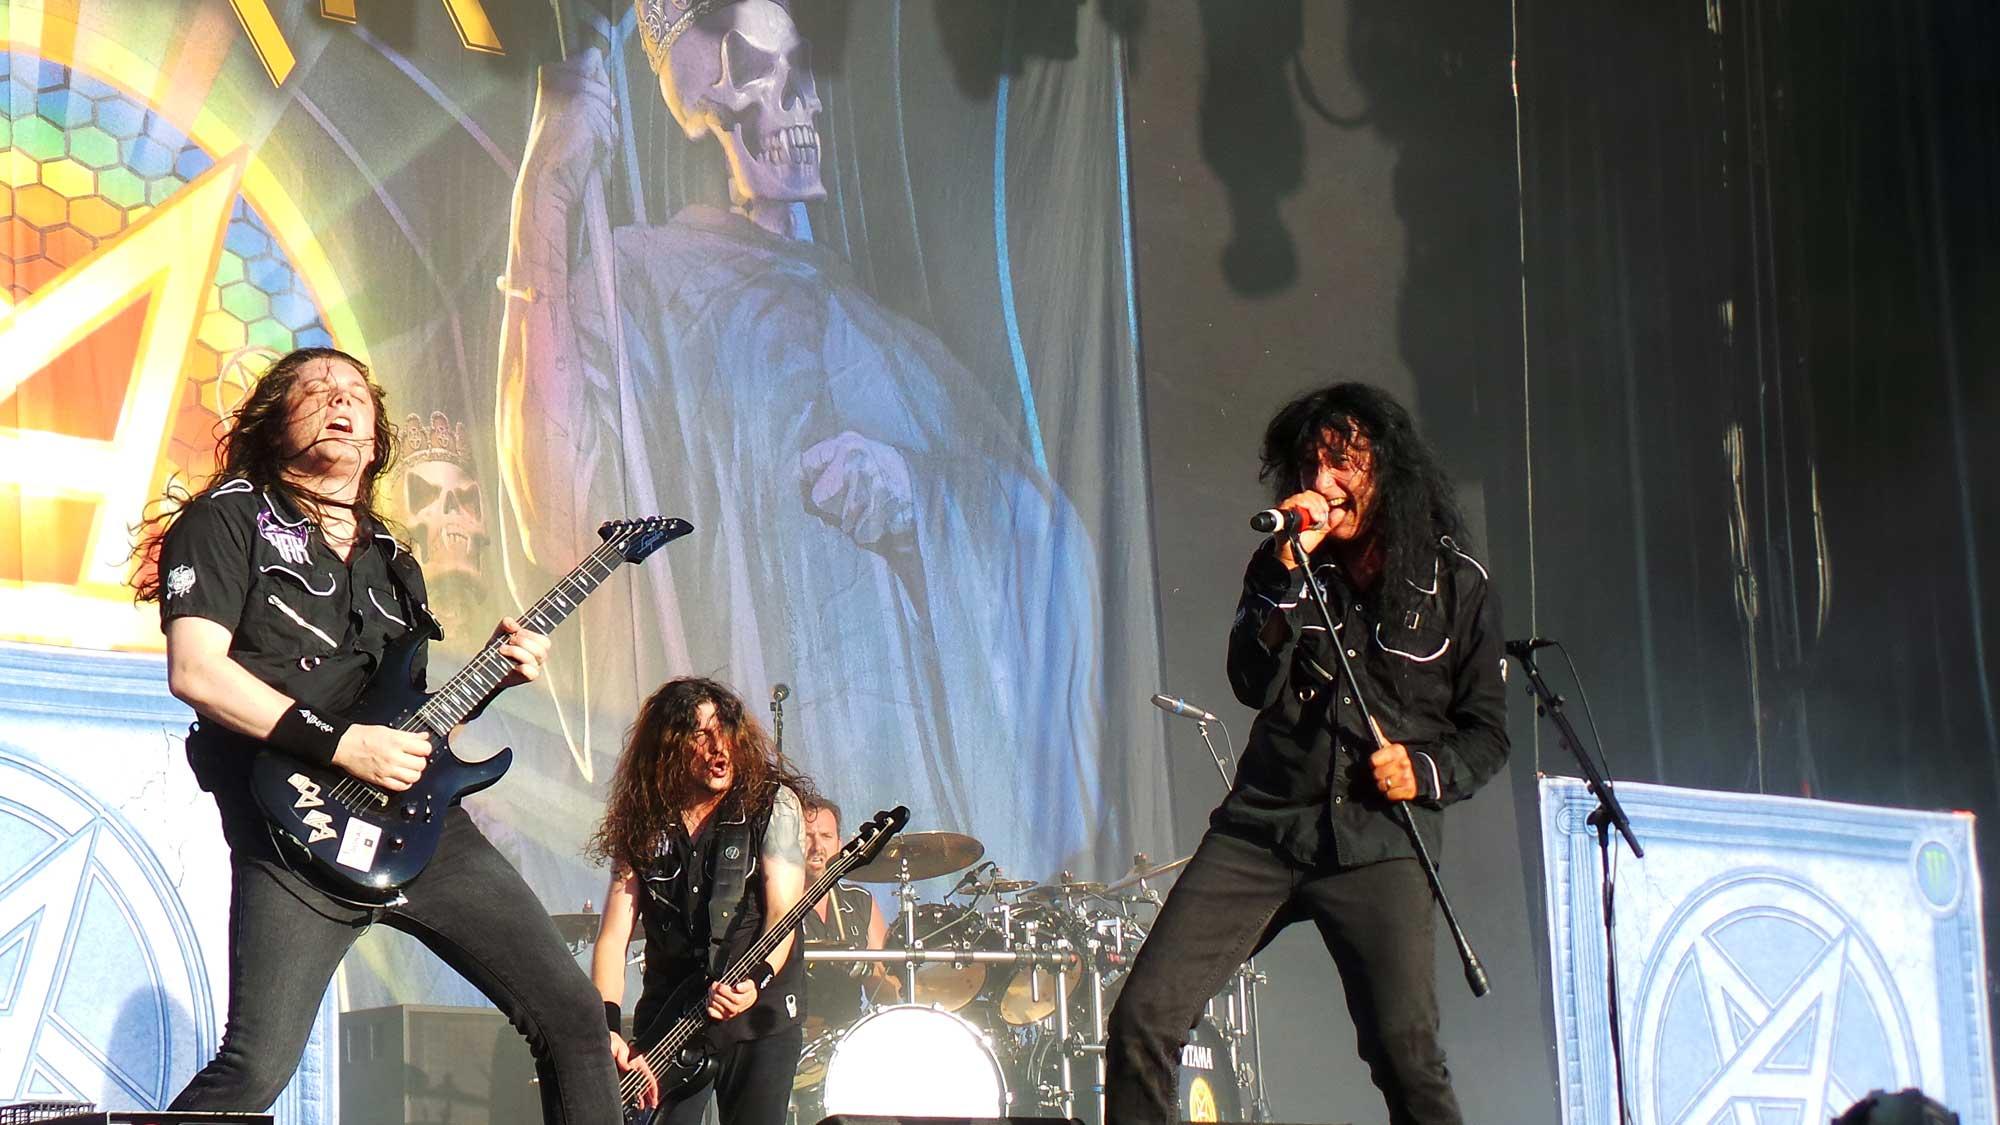 El grup de thrash metal Anthrax, actuant al Rock Fest 2016 de Santa Coloma de Gramenet.